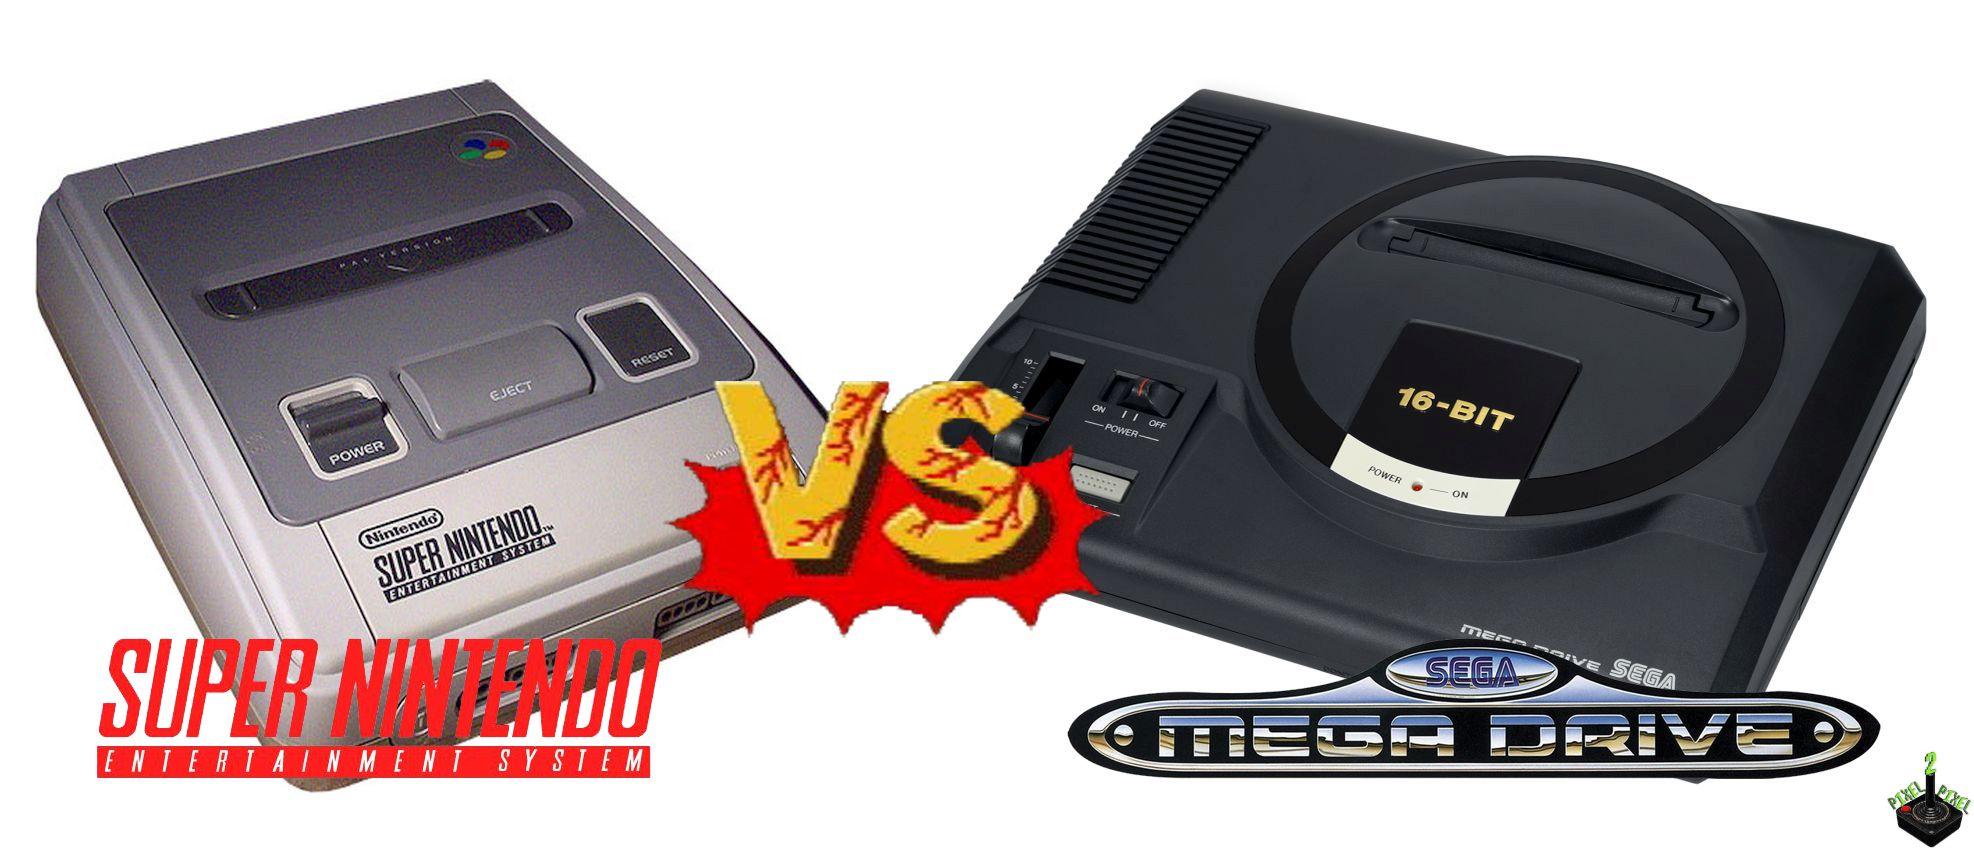 Época do Super Nintendo contra o Mega Drive